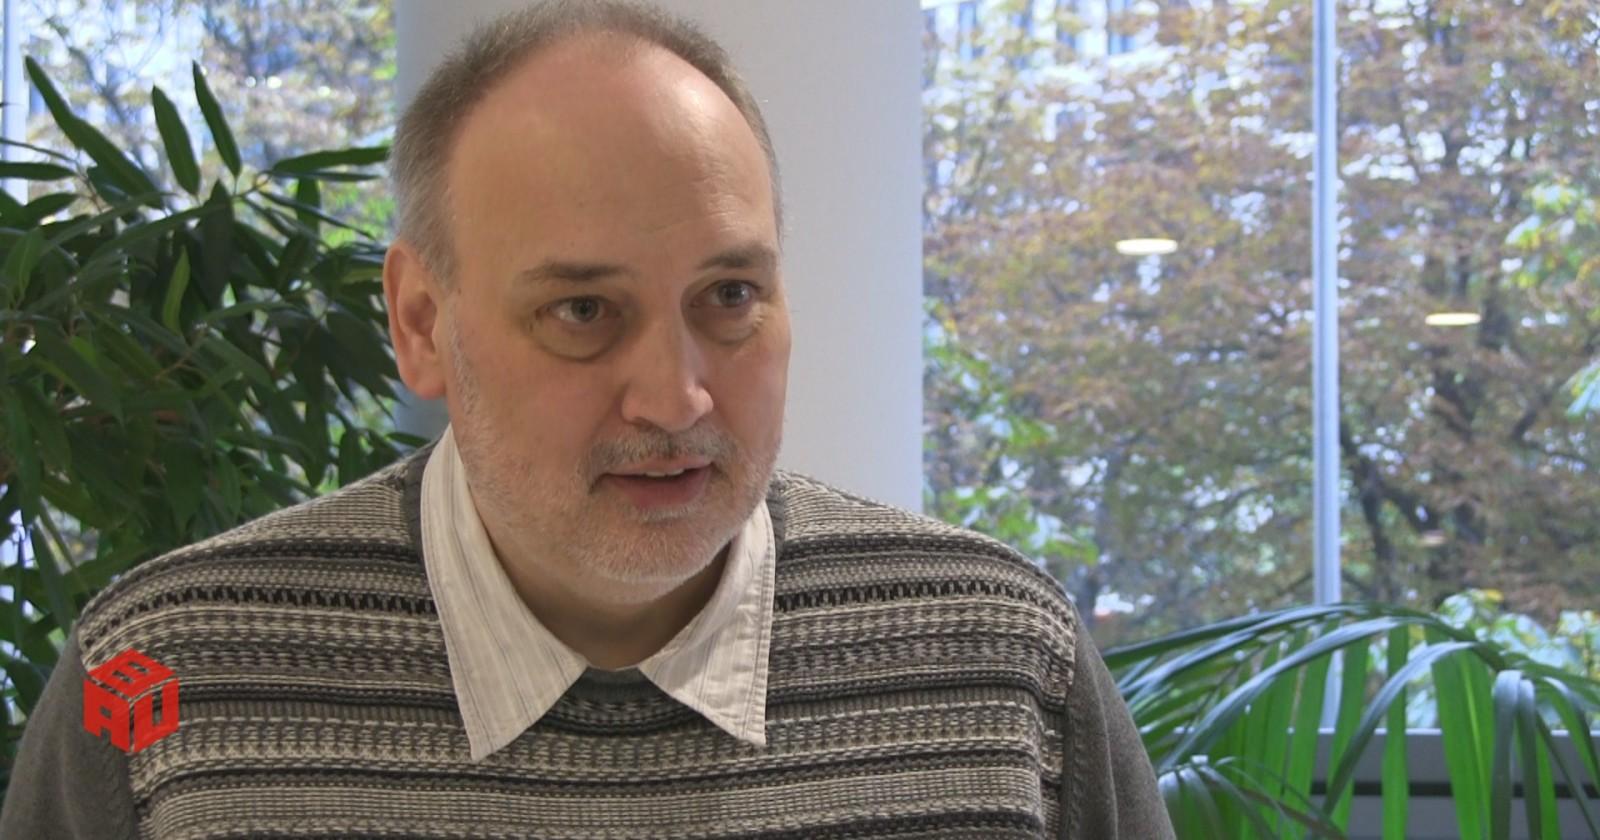 Stimmen der IG BAU Bundestarifkommission zum Verlauf der Tarifgespräche – Frank Lasthaus